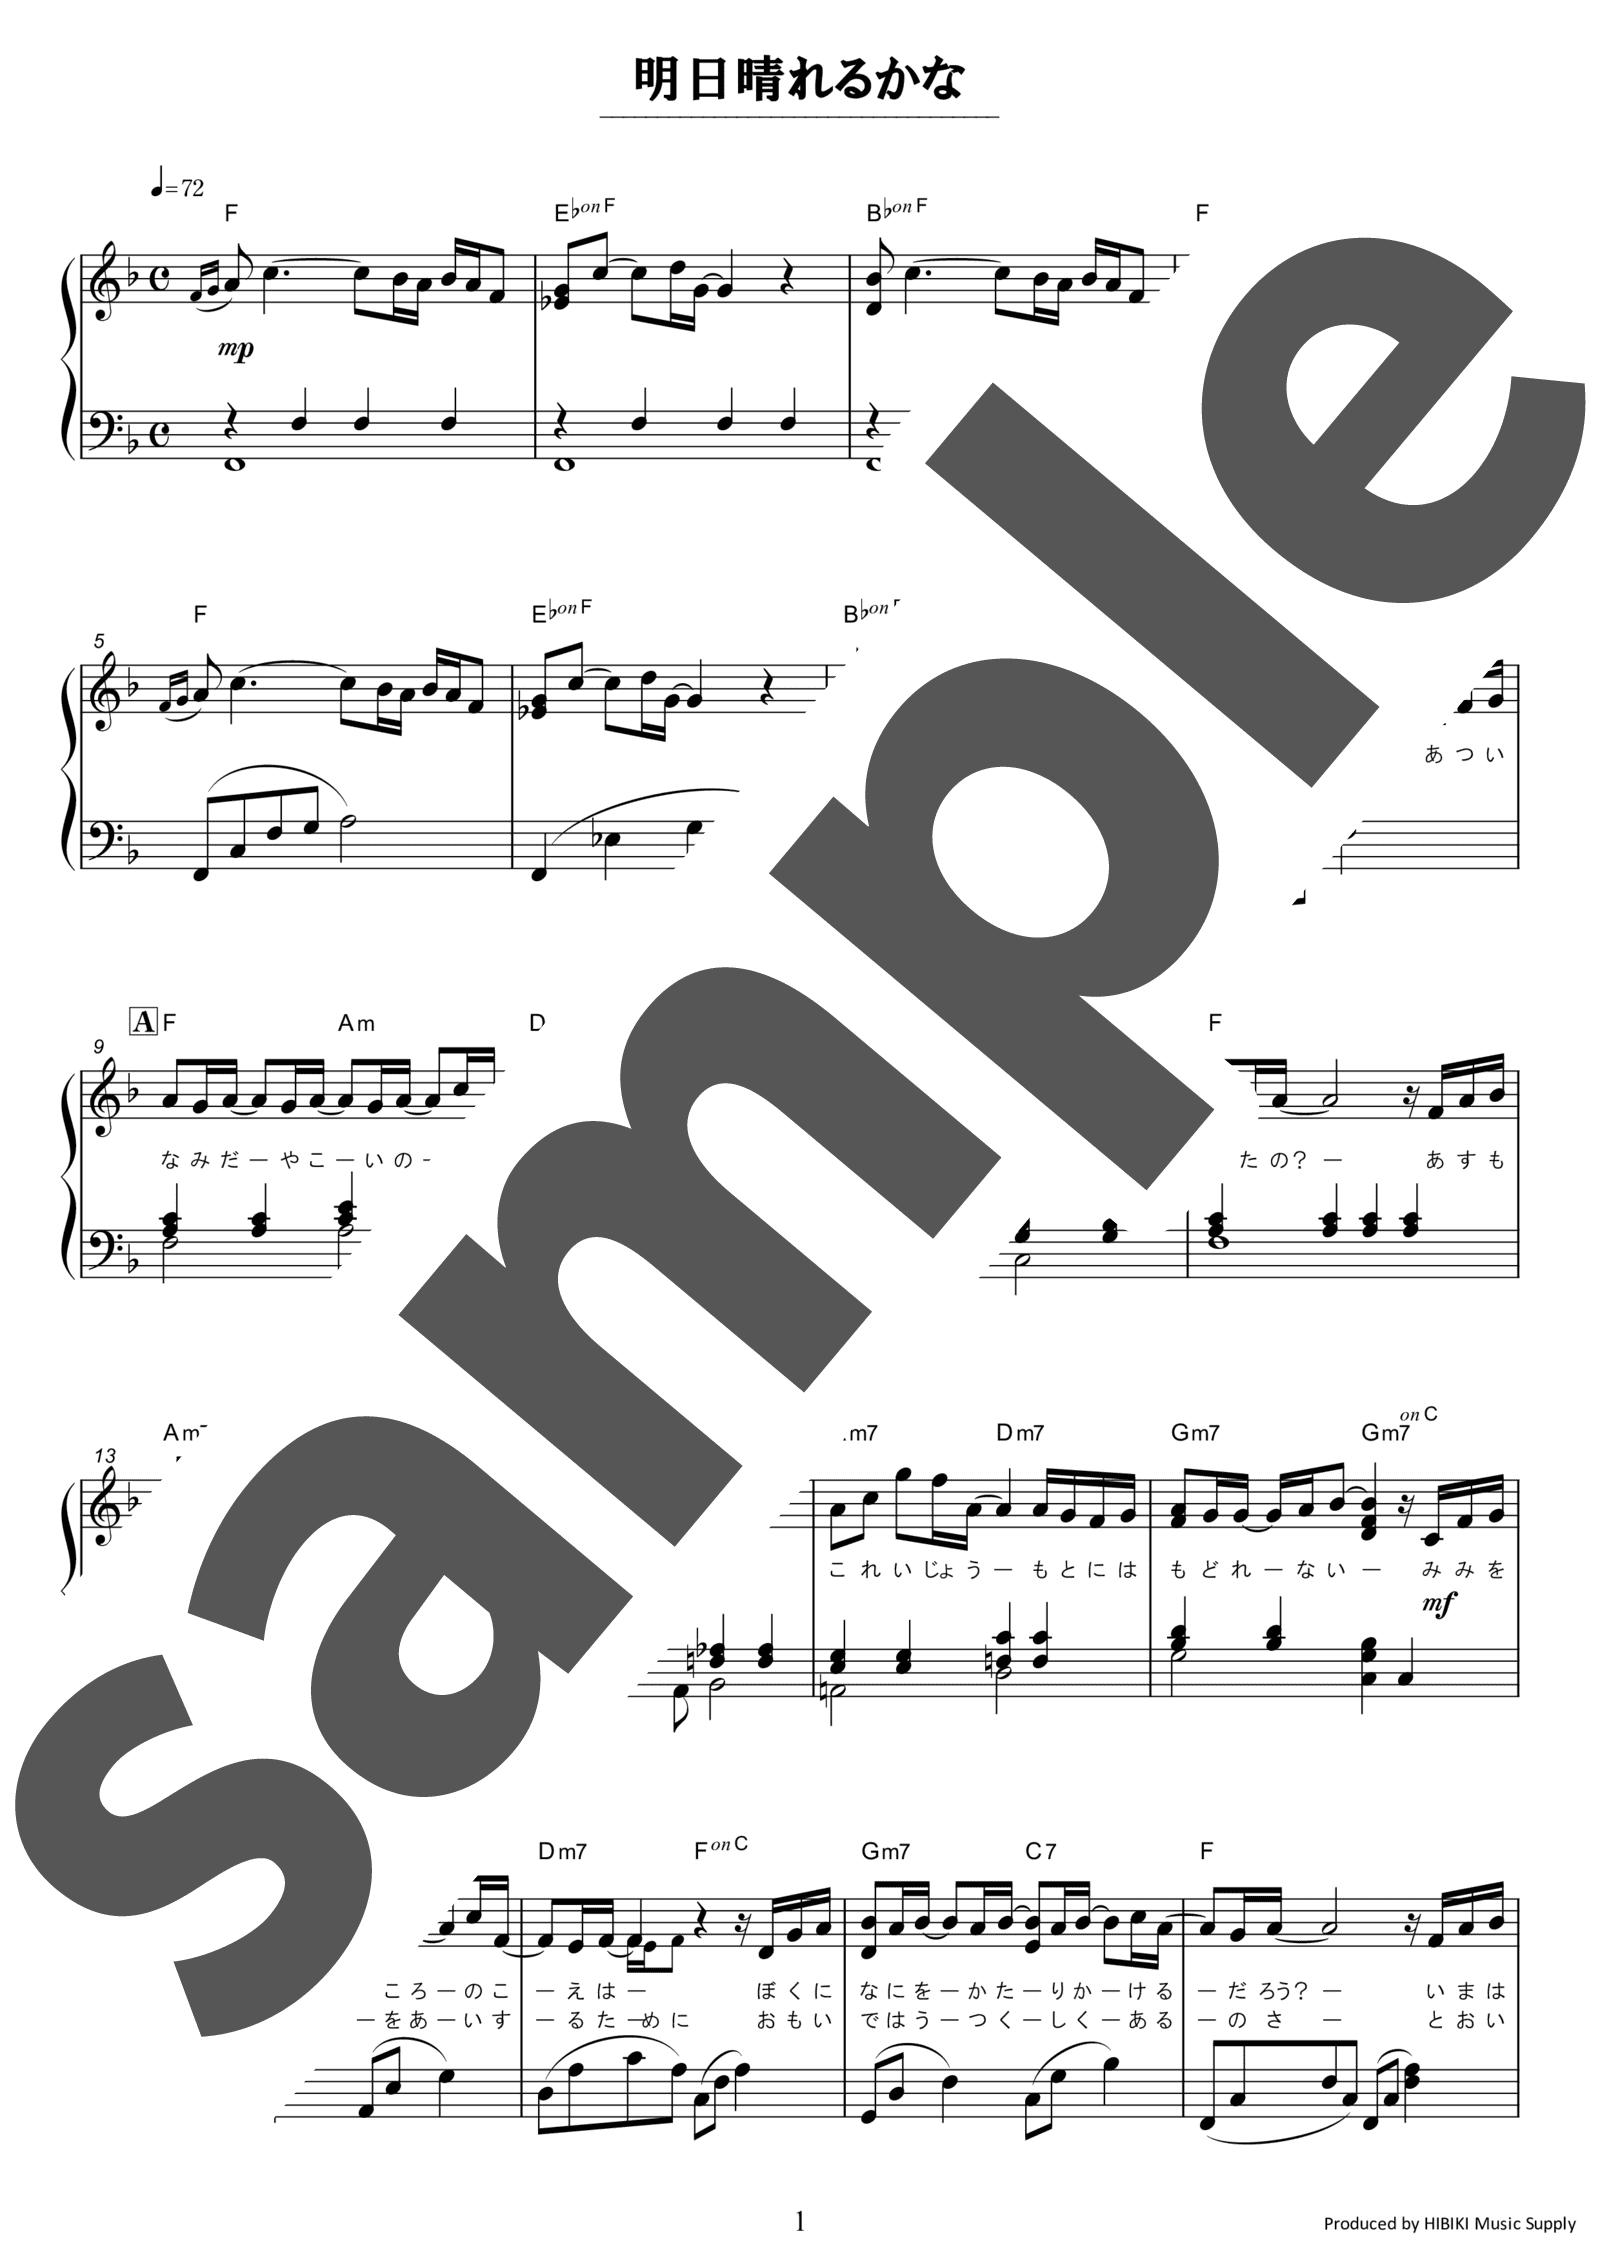 「明日晴れるかな」のサンプル楽譜